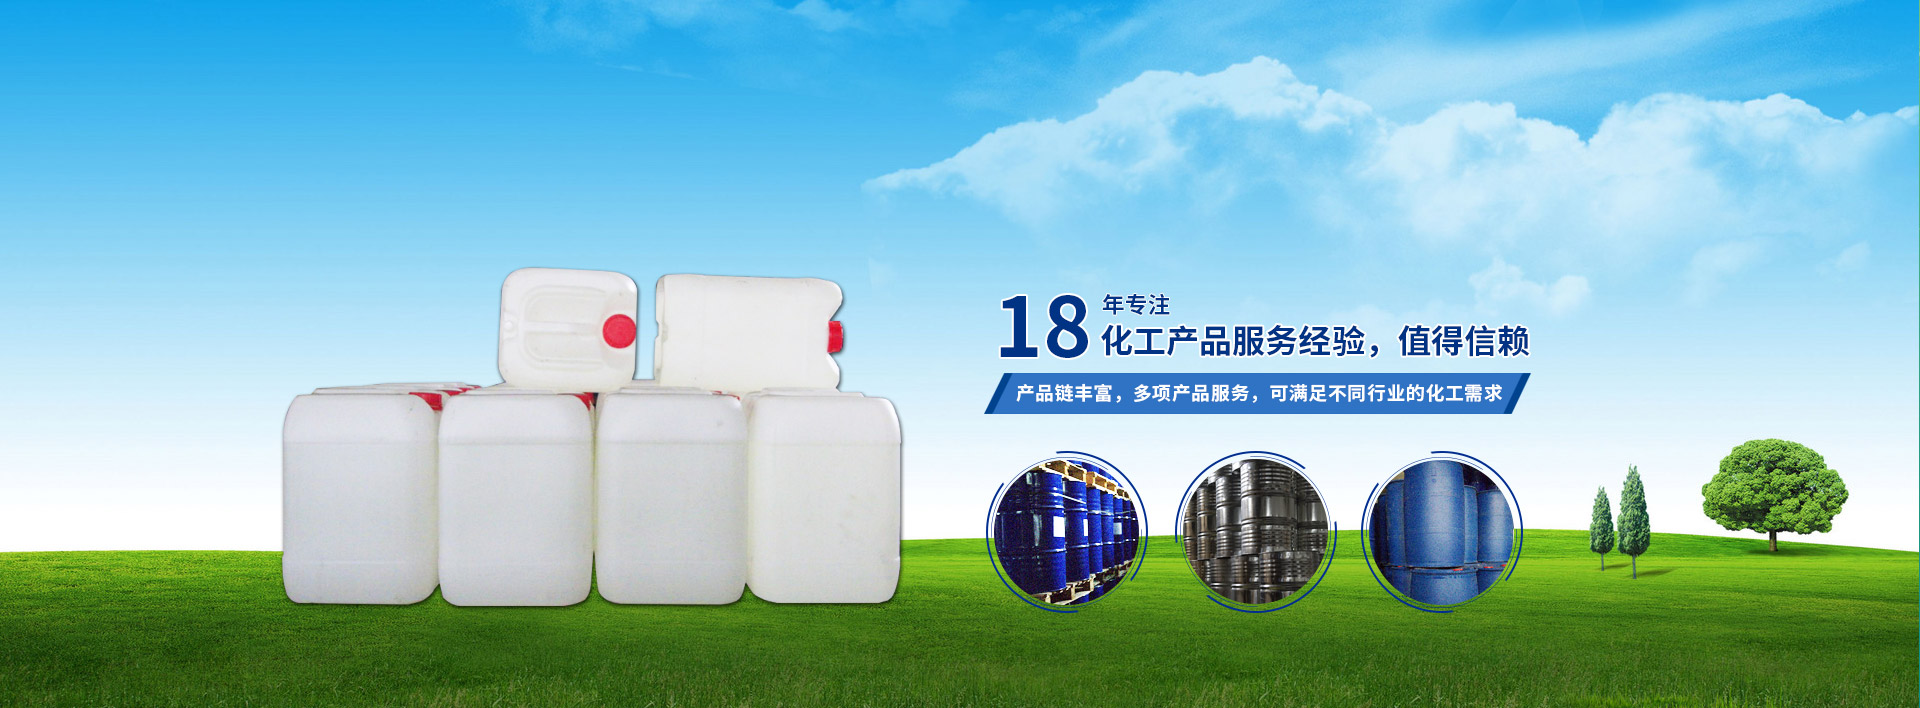 上海陵尔化工有限公司